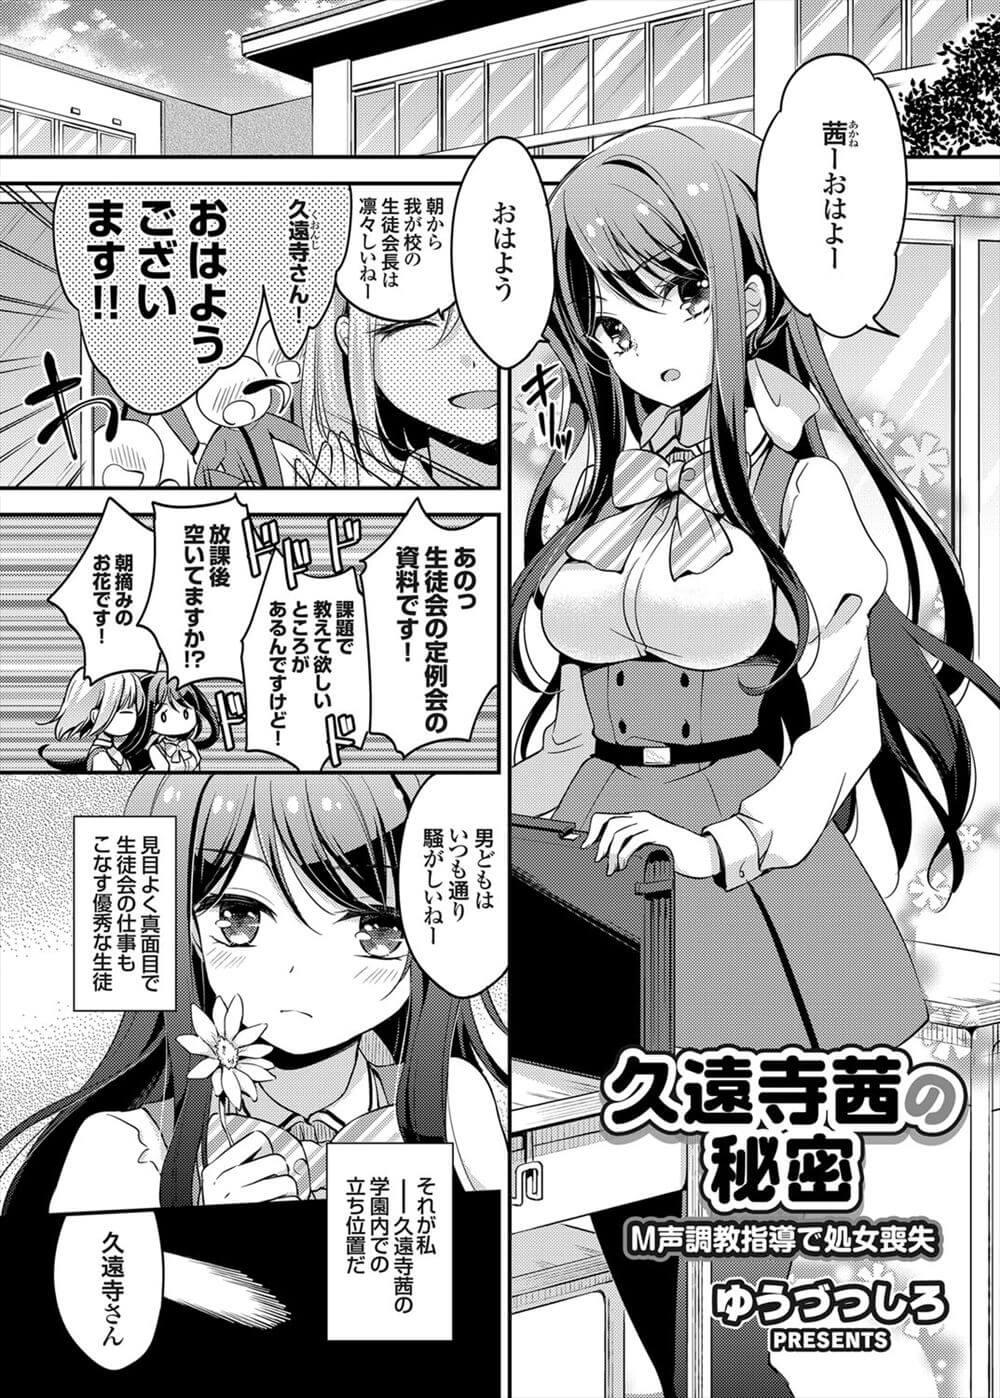 【エロ漫画】PC研究室で茜は瀬名にフェラをしていて、茜がエッチな声の仕事が瀬名にバレたからで制服を脱がされ巨乳でパイズリされる。【無料 エロ同人】